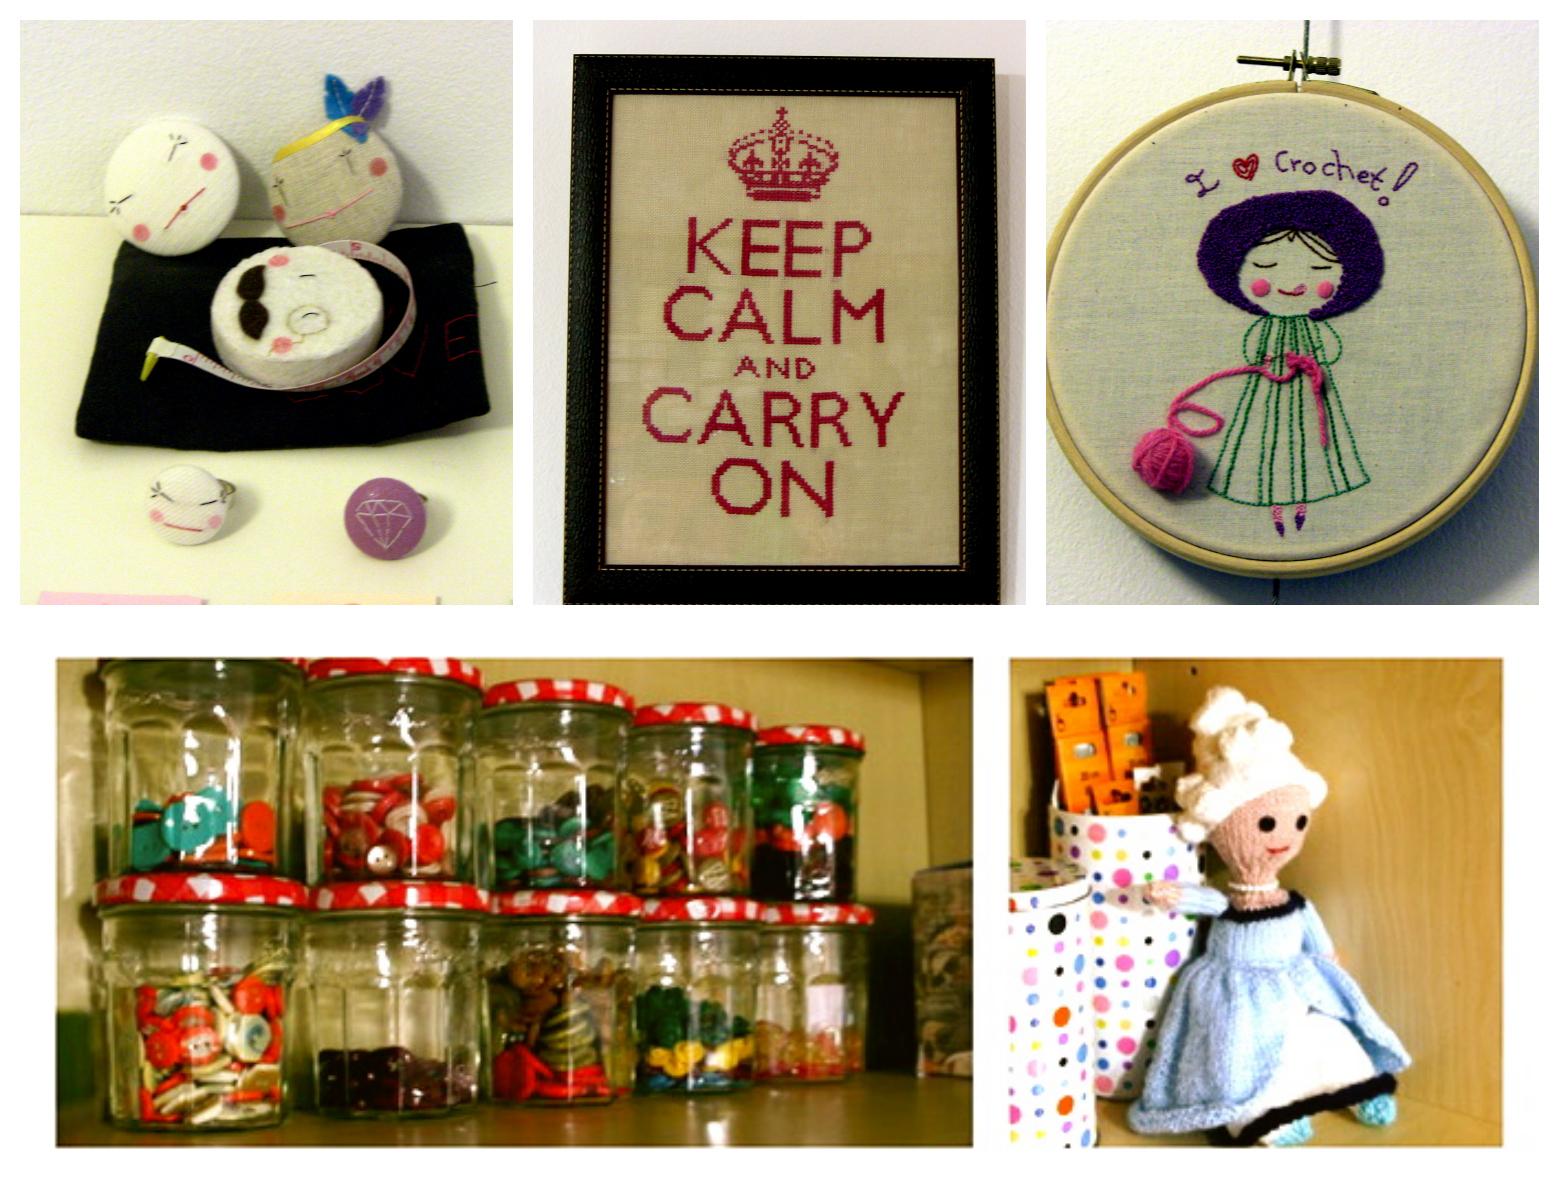 The_Crafty_Room+Valencia+handmade